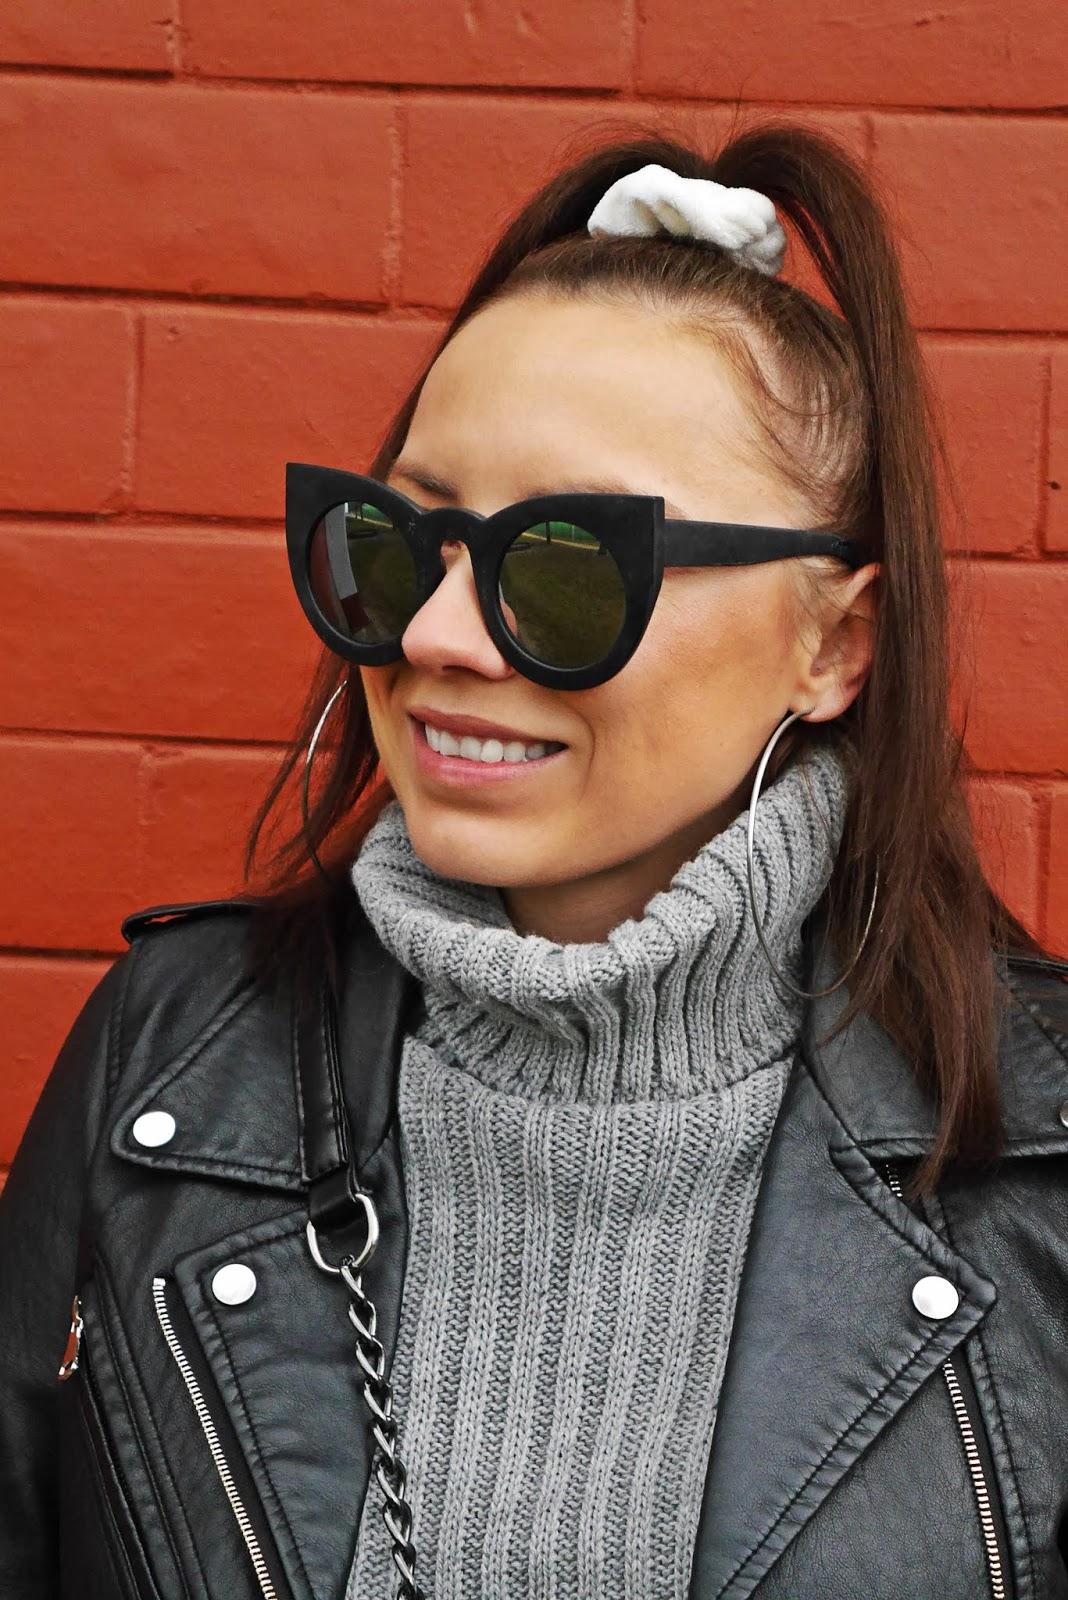 szara sukienka bawełniana golf sweterkowa czarna ramoneska pasek aliexpress, superstar bold adidas stylizacja look karyn blog modowy blogerka modowa puławy